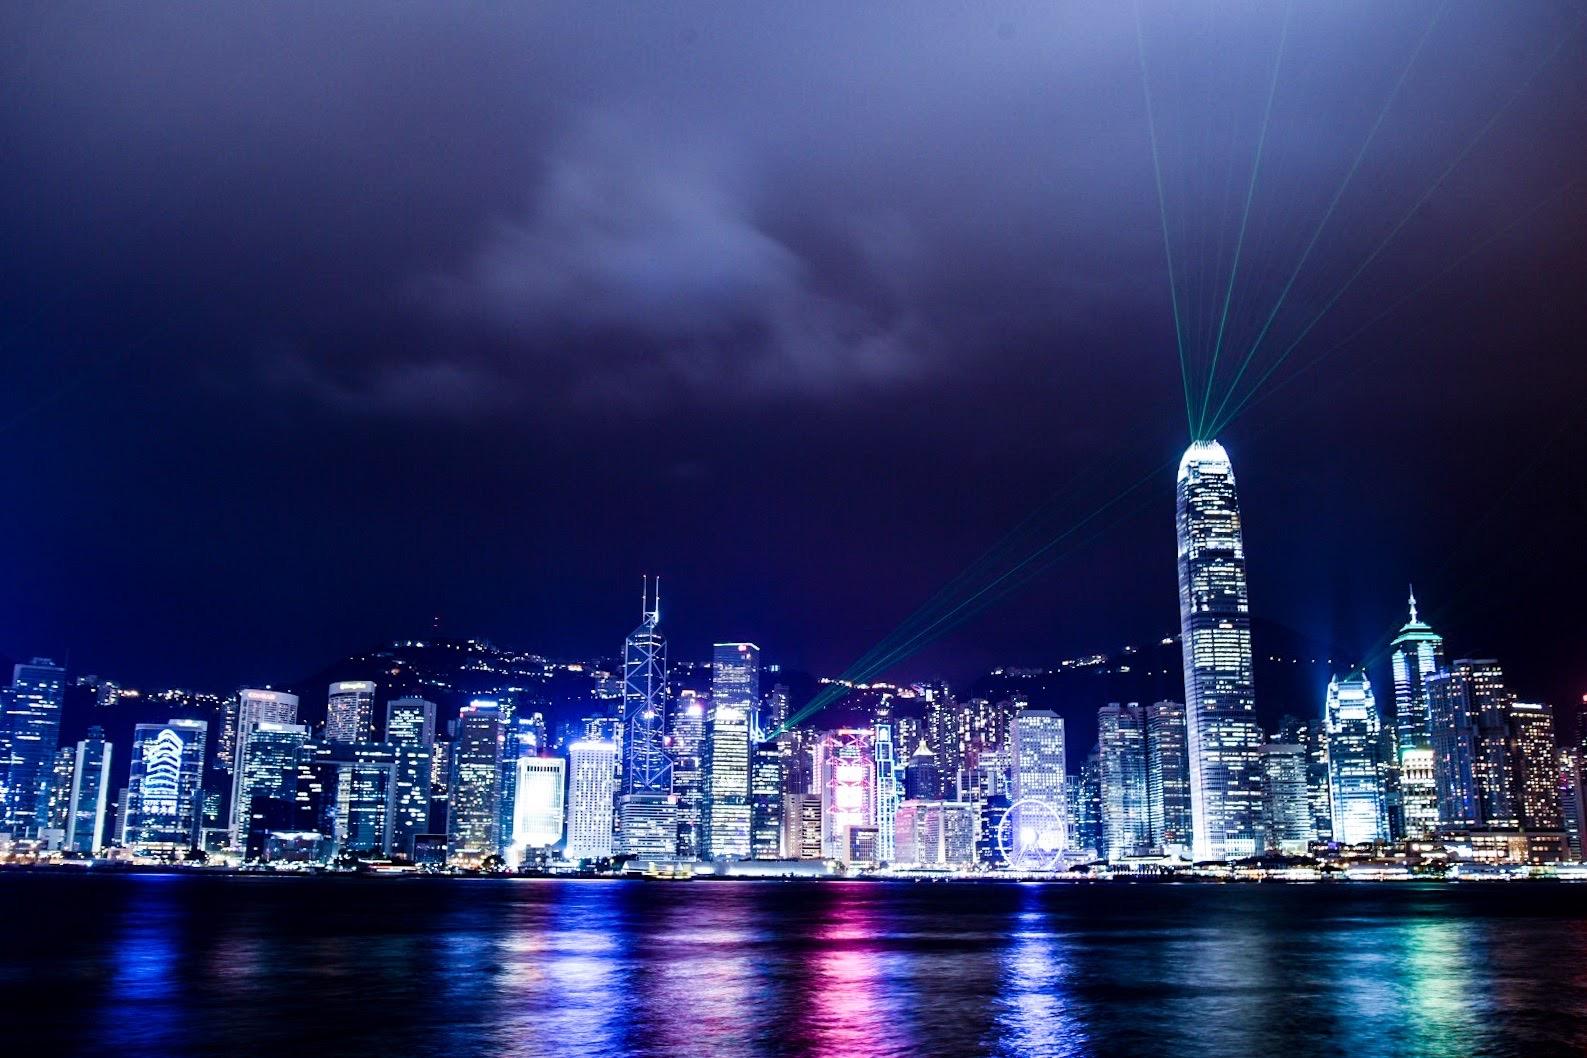 撮影オファーをいただき、香港で撮影してきました!